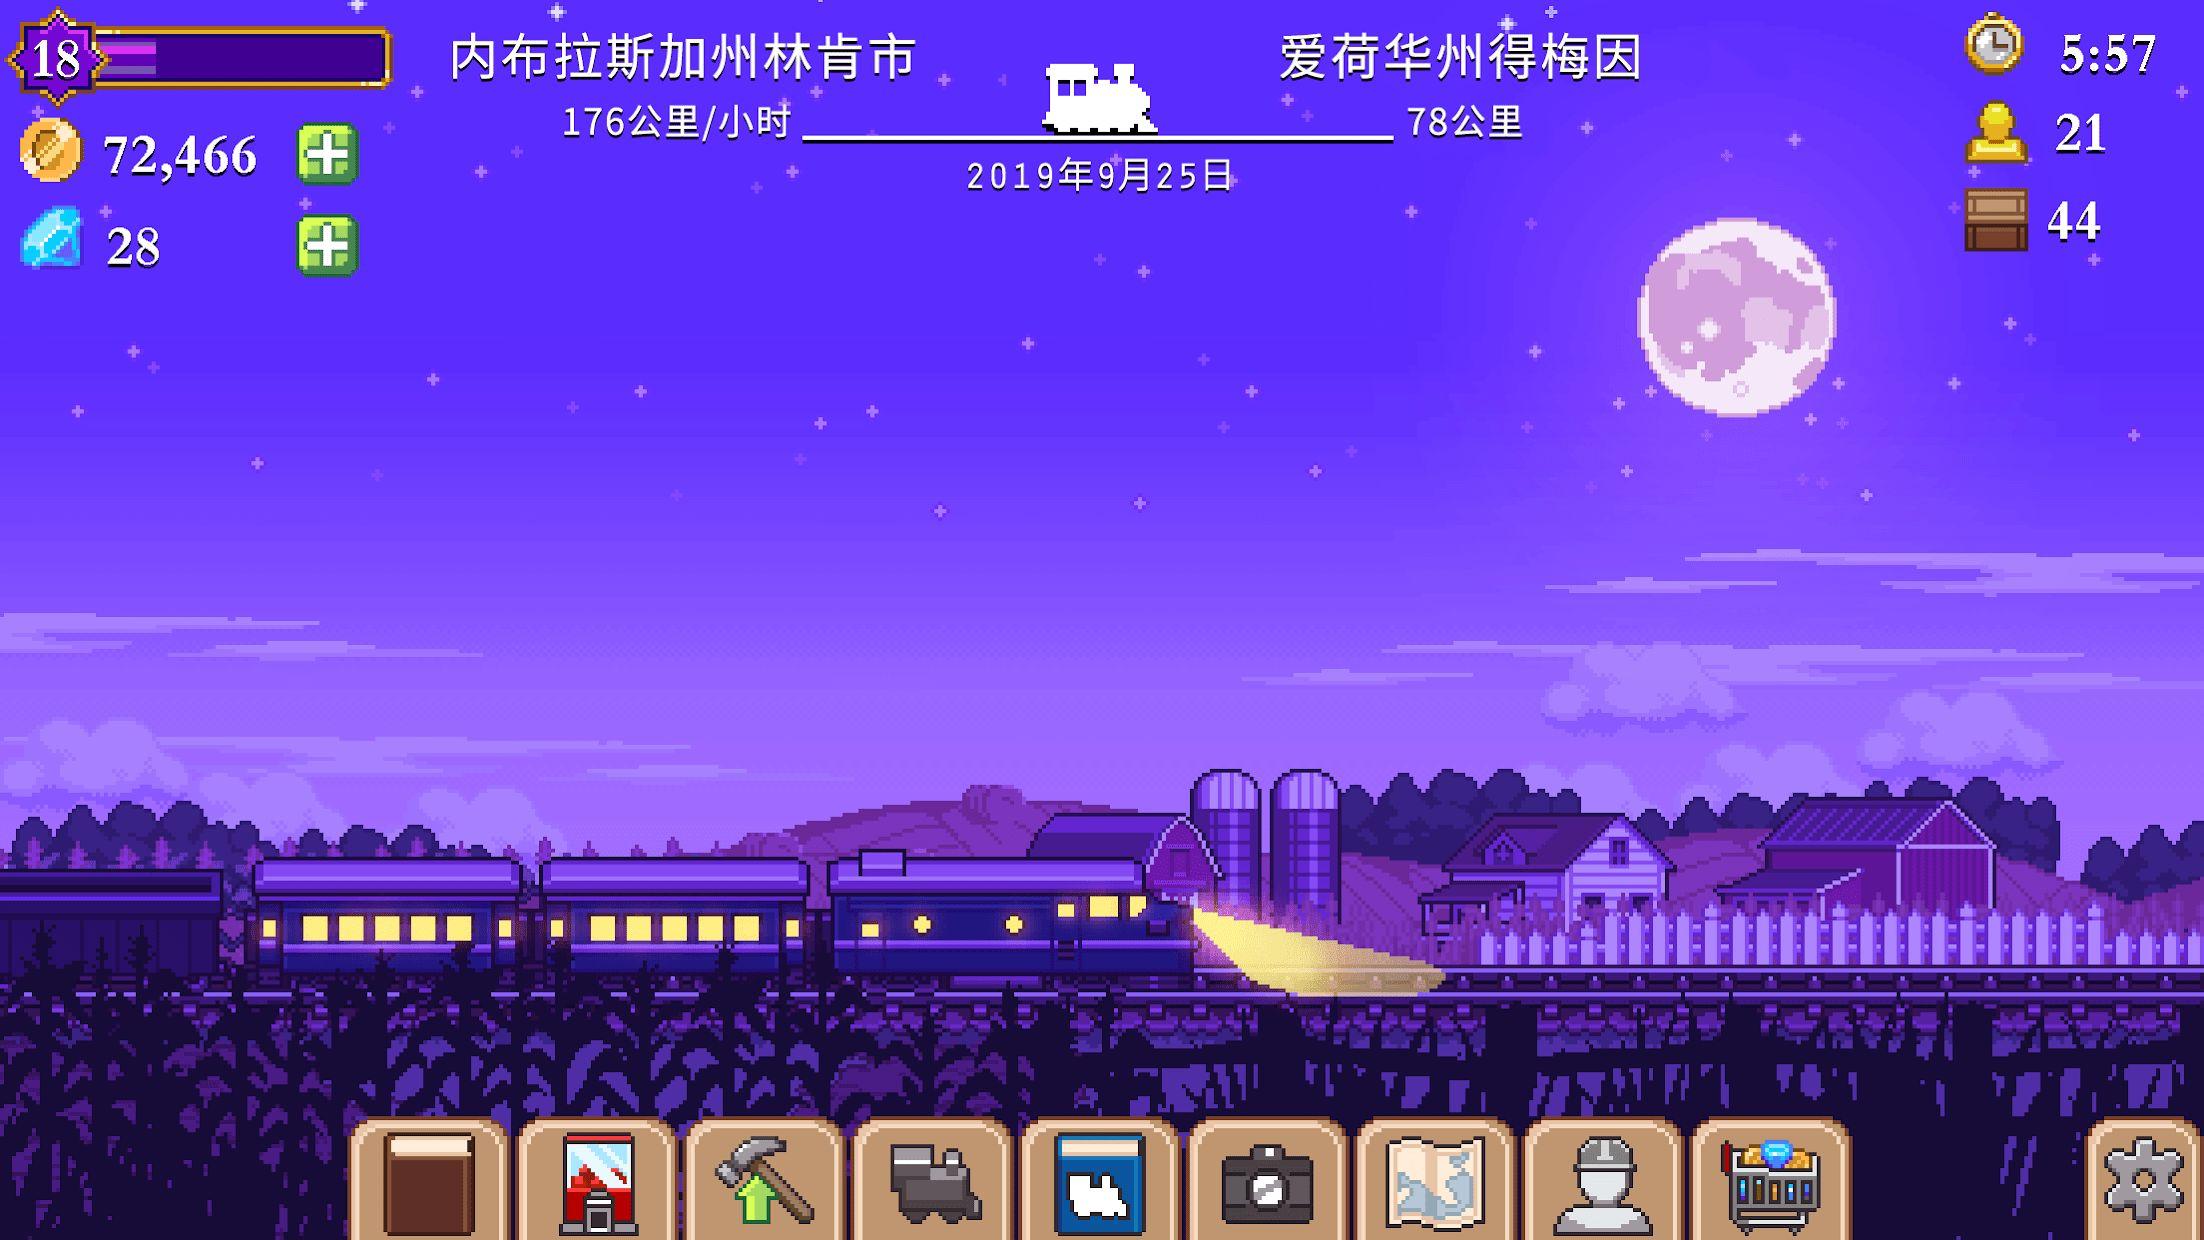 小小铁路 游戏截图4